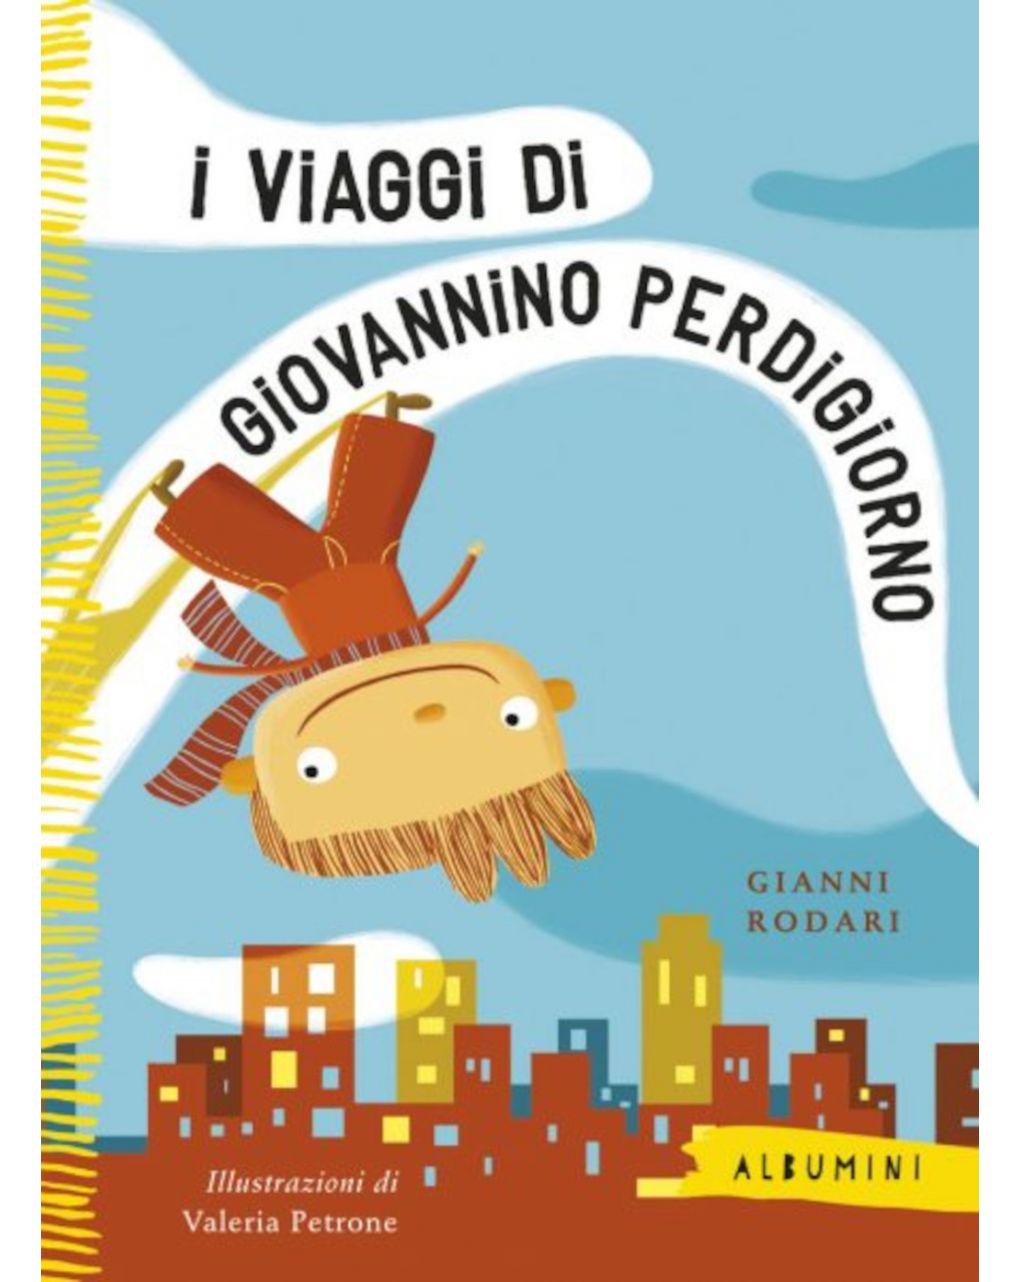 Albumini - i viaggi di giovannino perdigiorno - Edizioni EL